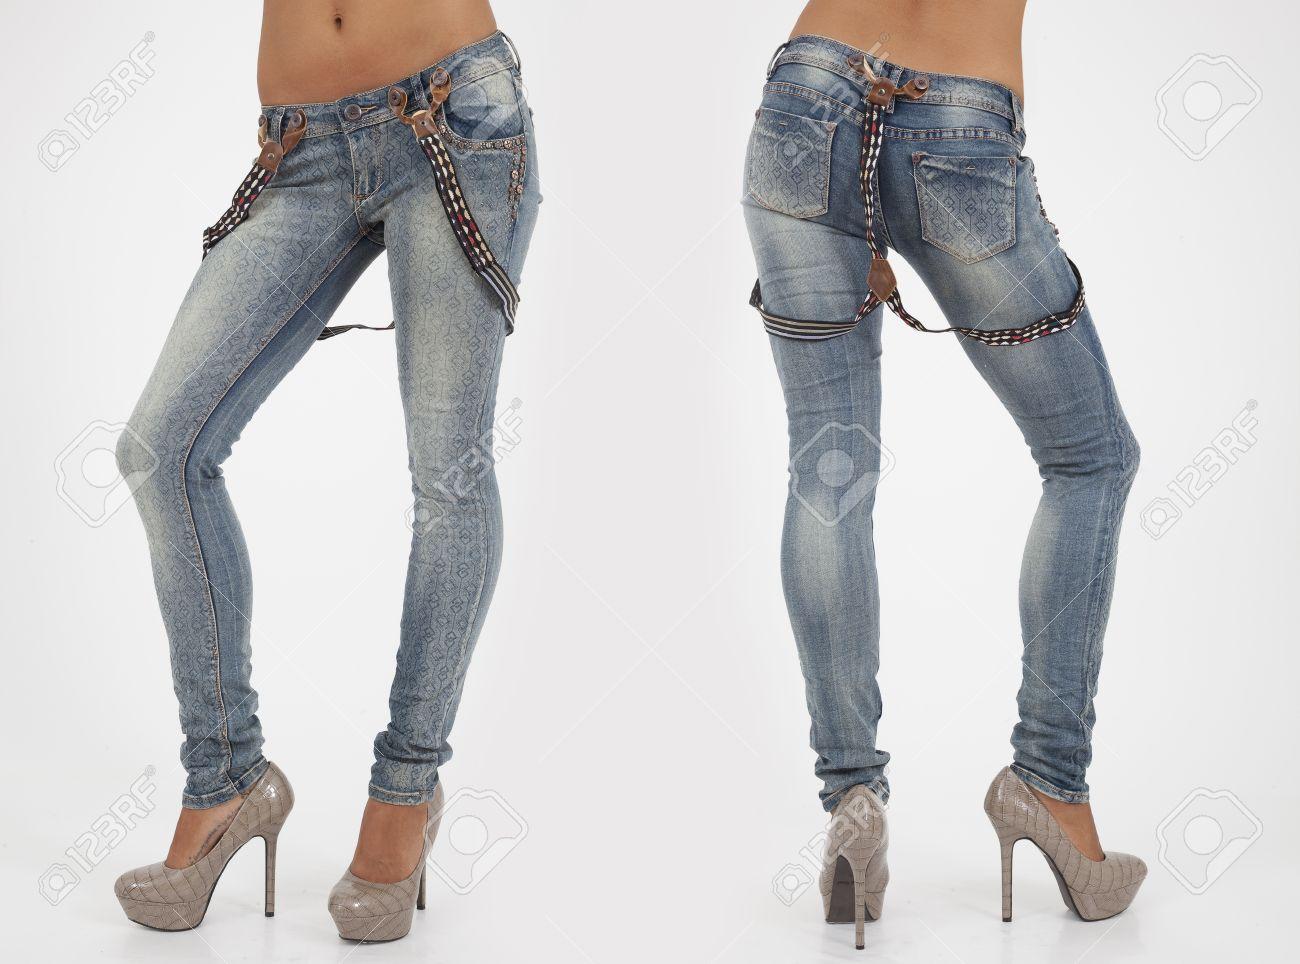 Hübsche Frauen In Engen Jeans Auf Weiß Vorder Und Rückseite Blick